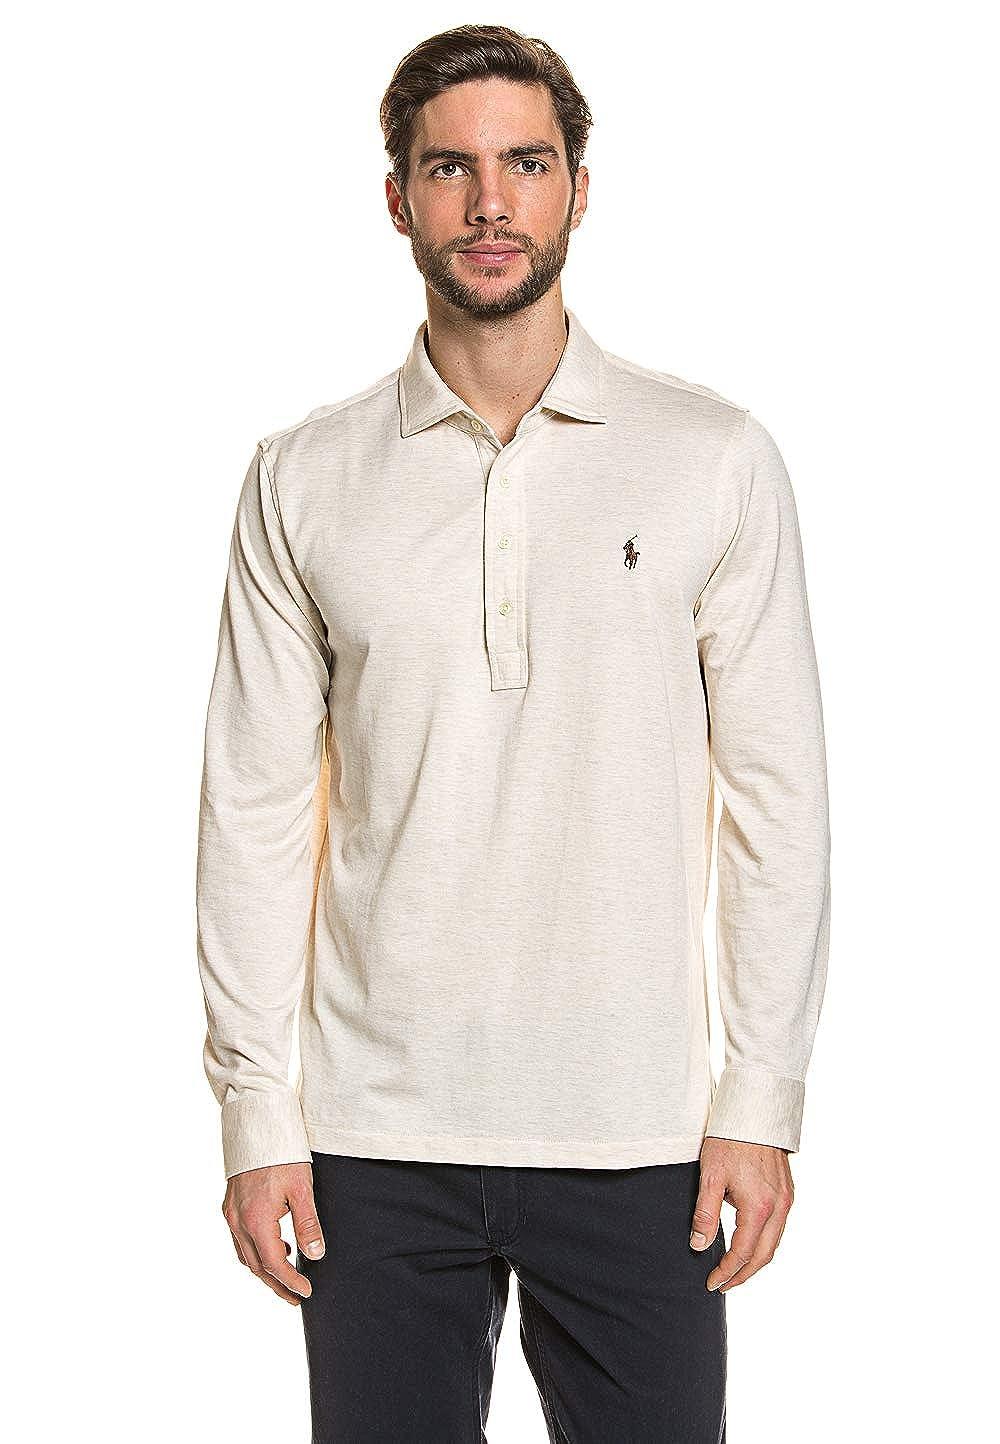 Polo Ralph Lauren MenŽs Polo Shirt Heather, tamaño:S: Amazon.es ...